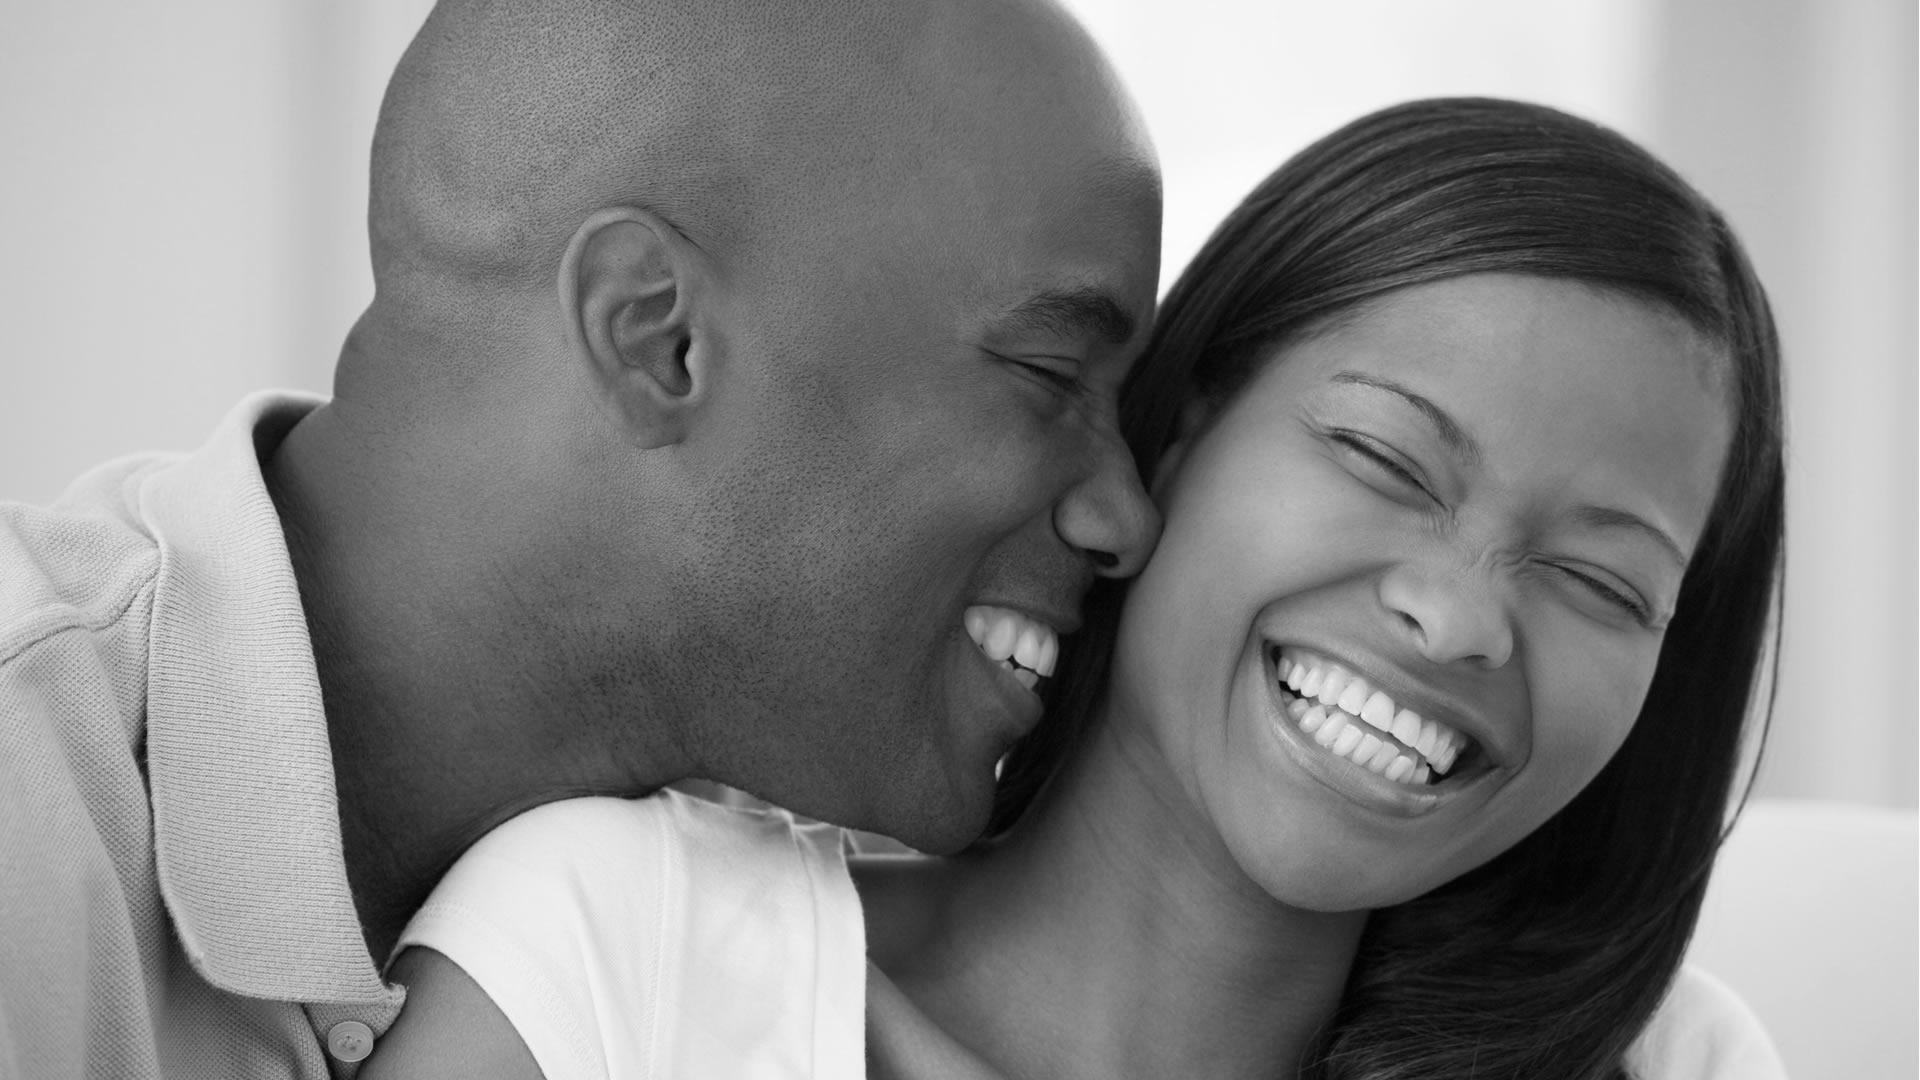 interracial dating meeting parents